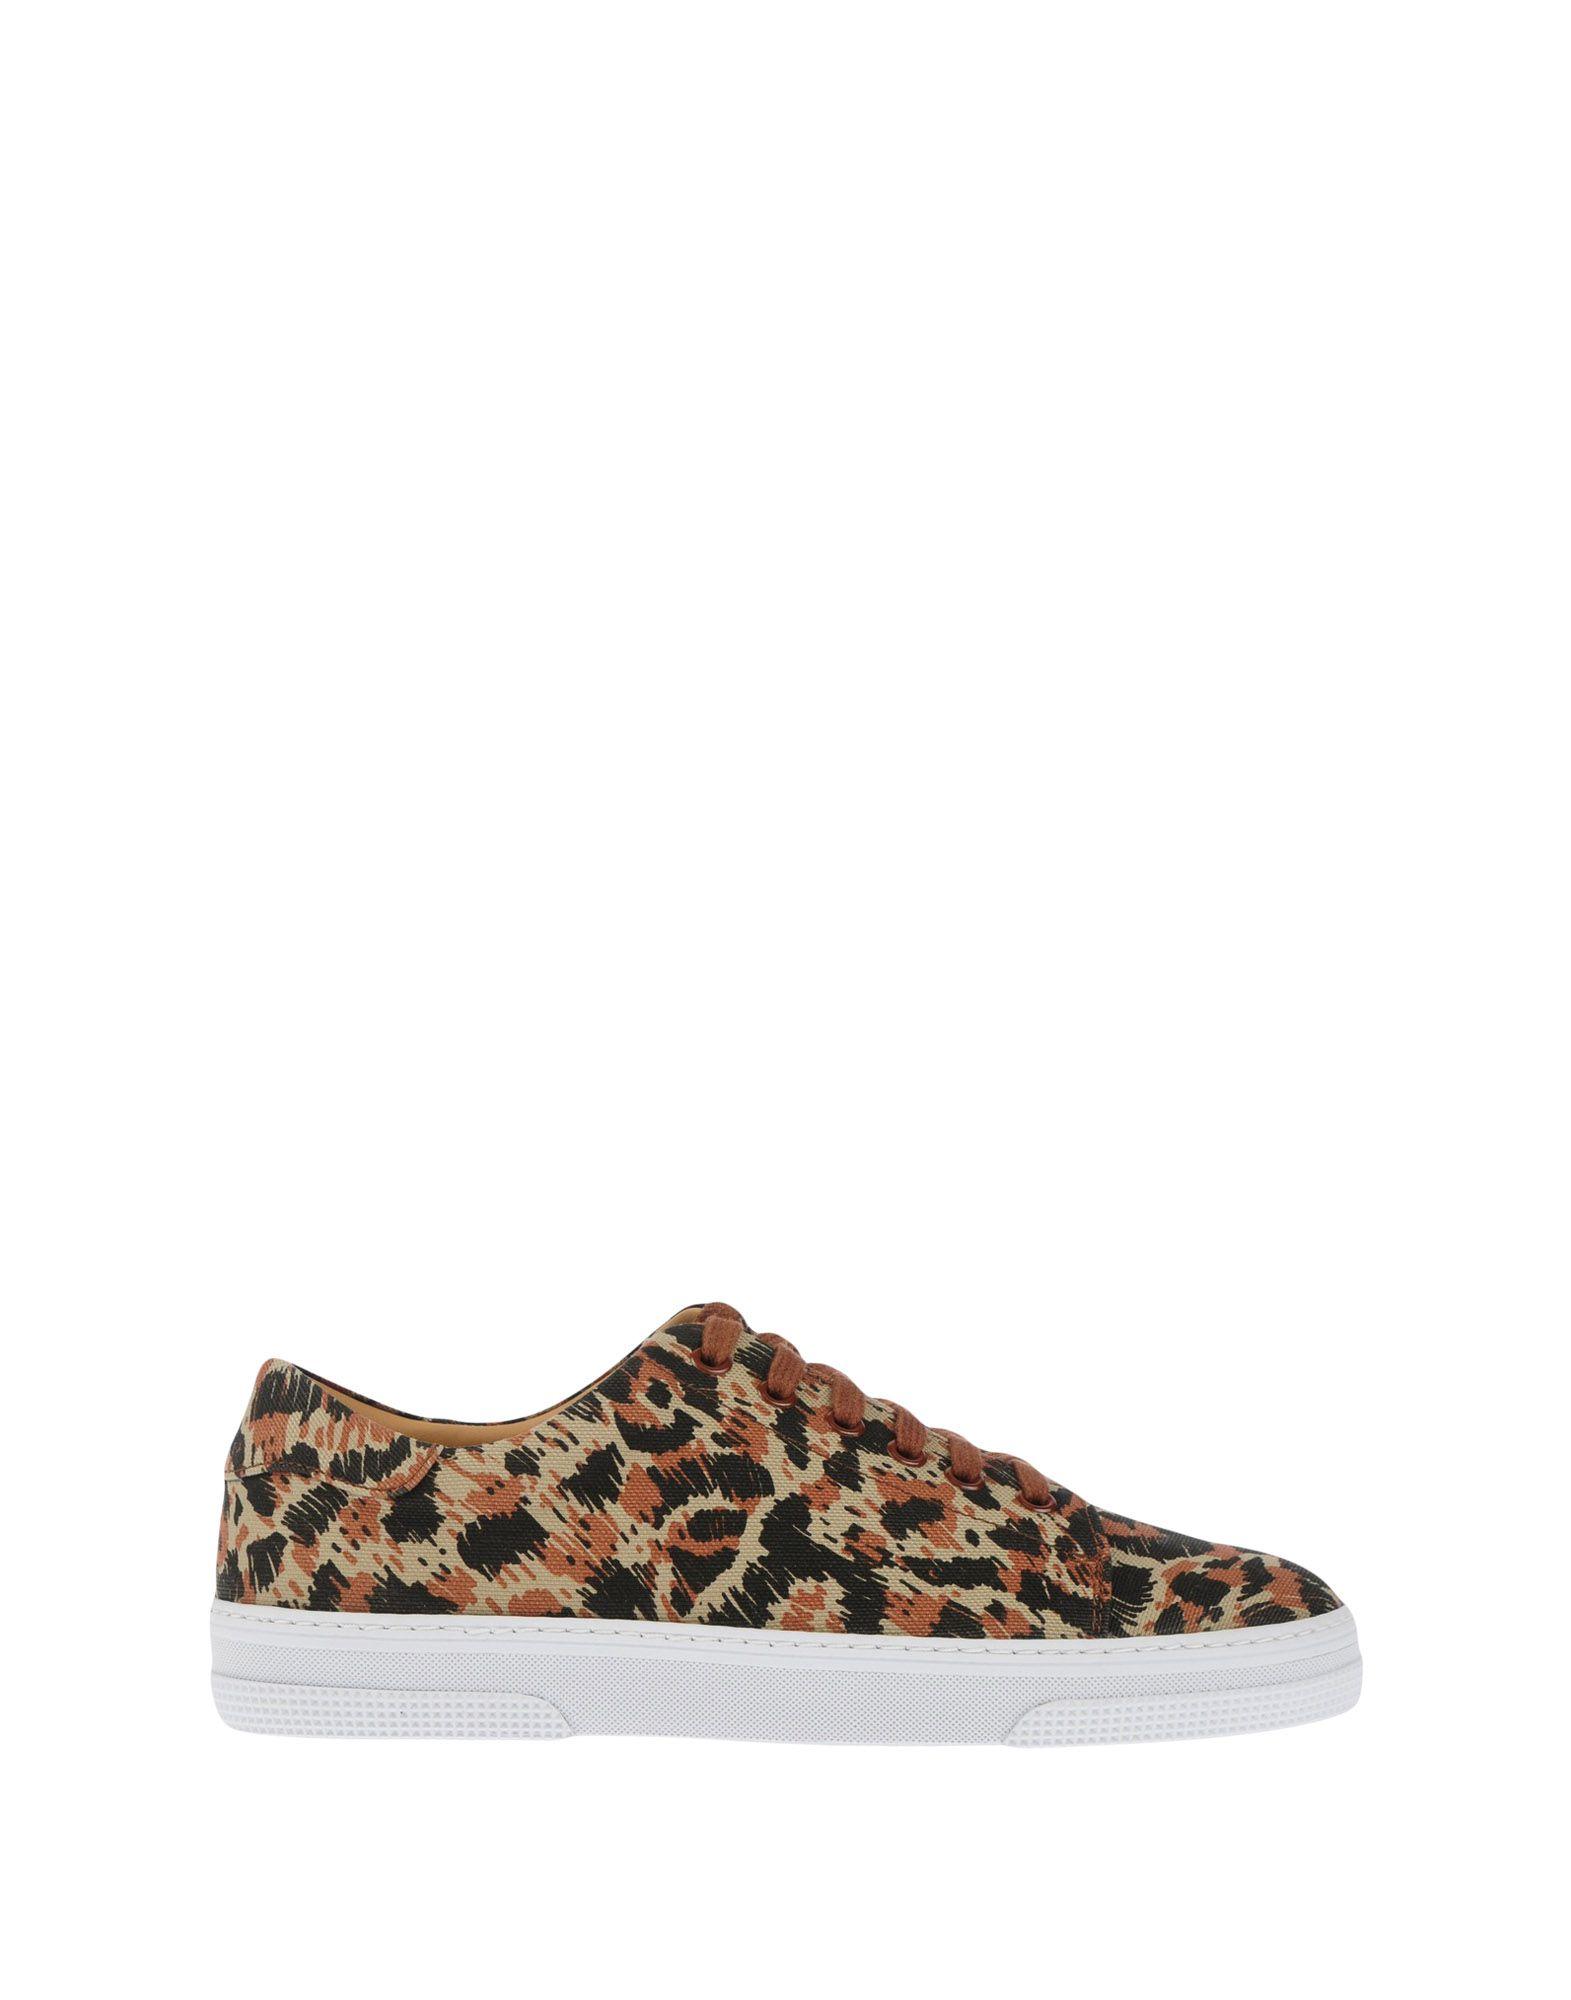 A.P.C. Sneakers Damen  11428040UB Gute Qualität beliebte Schuhe